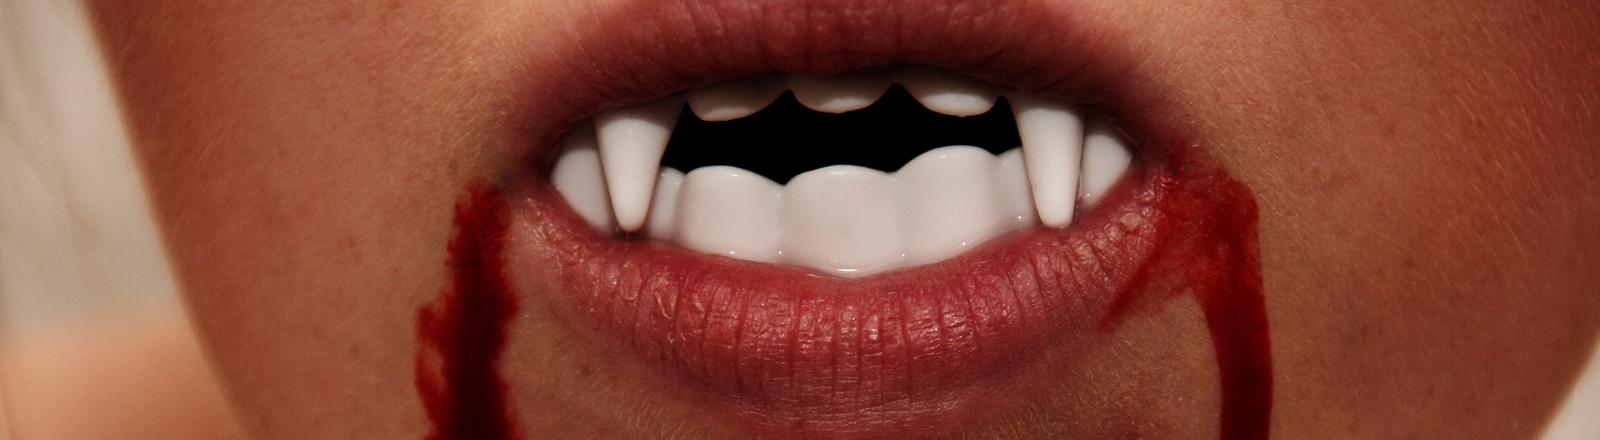 Dracula-Zähne mit Blut